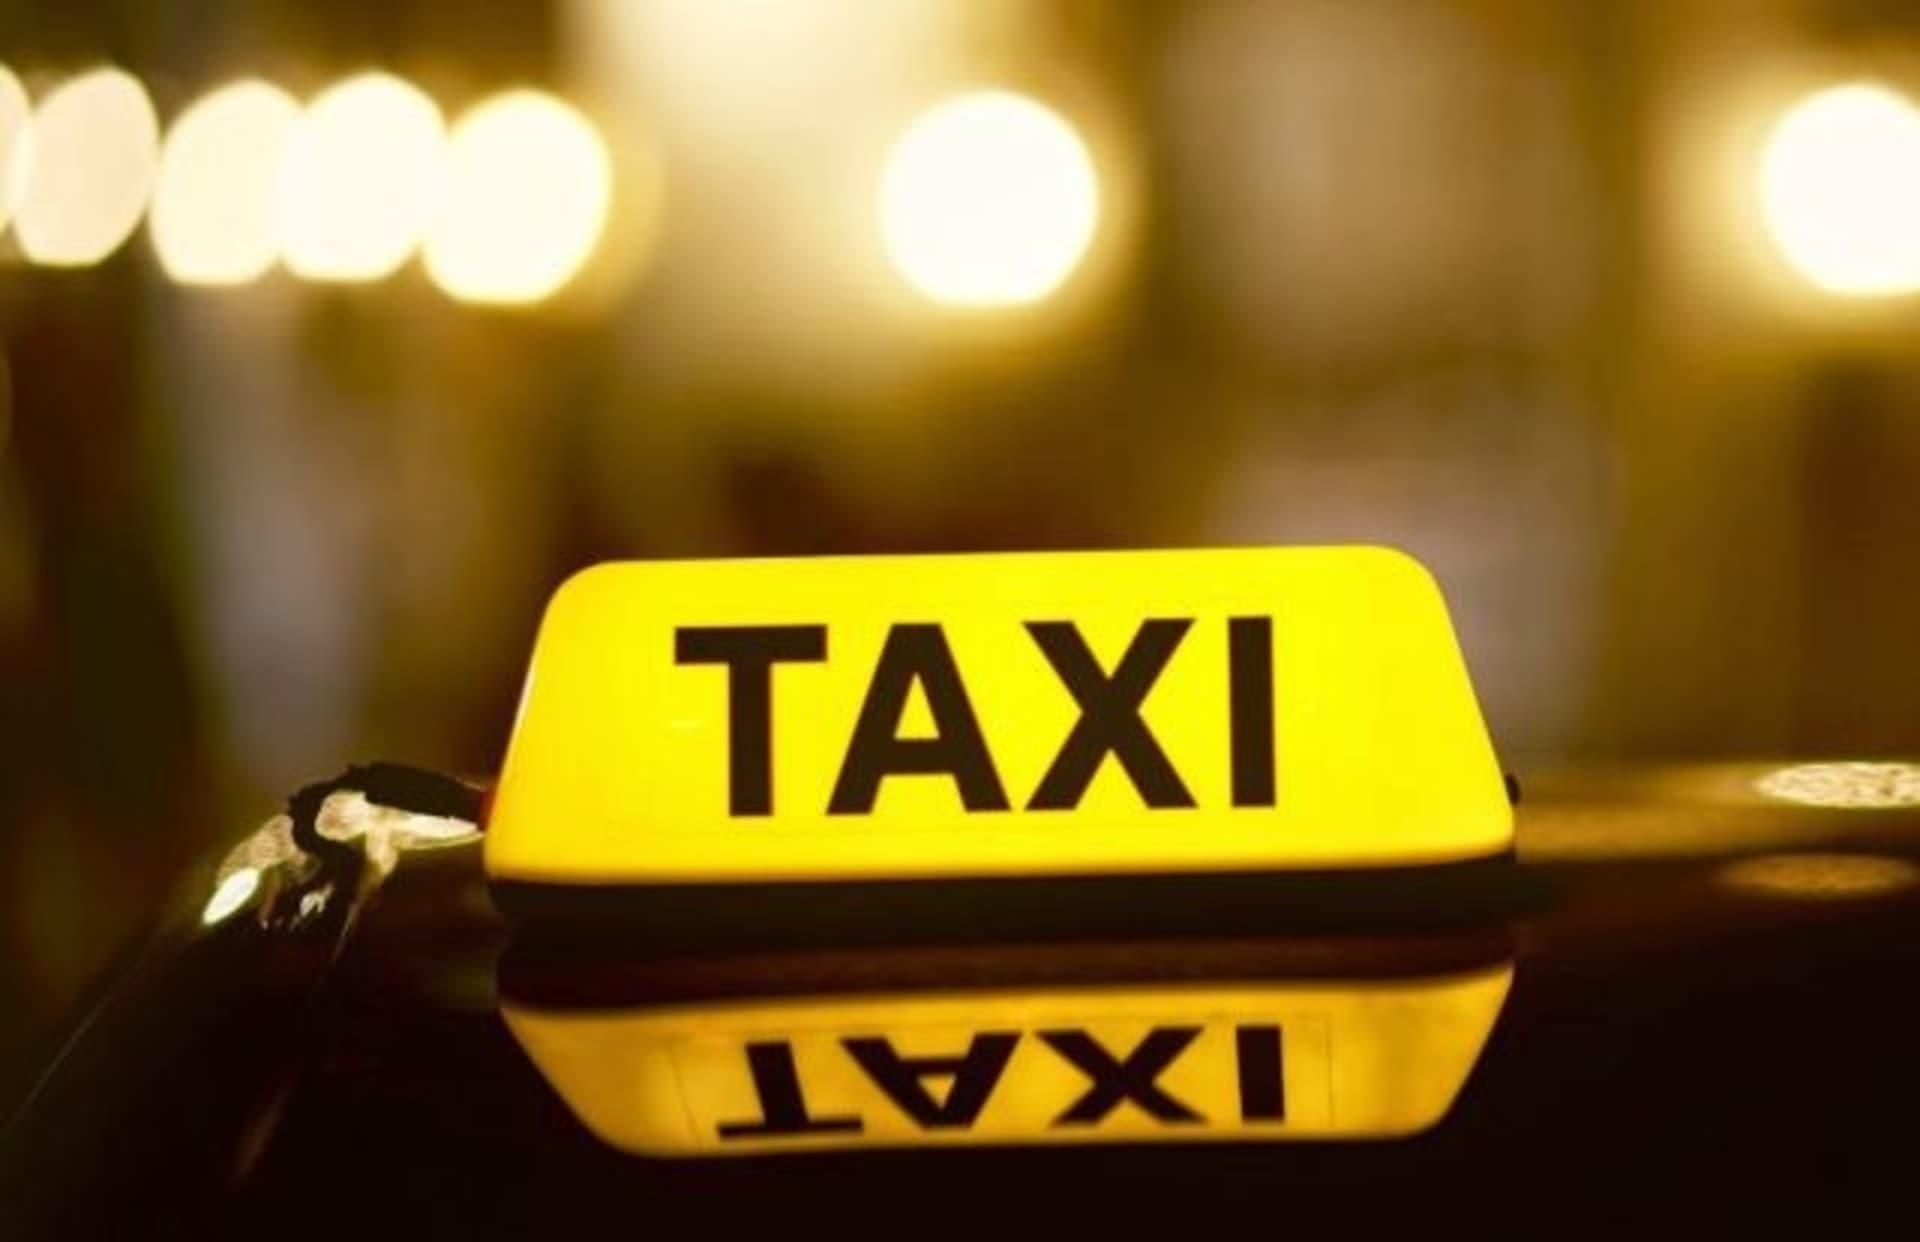 Studiu IRES: 100% dintre clujeni consideră utile aplicațiile mobile de taxi